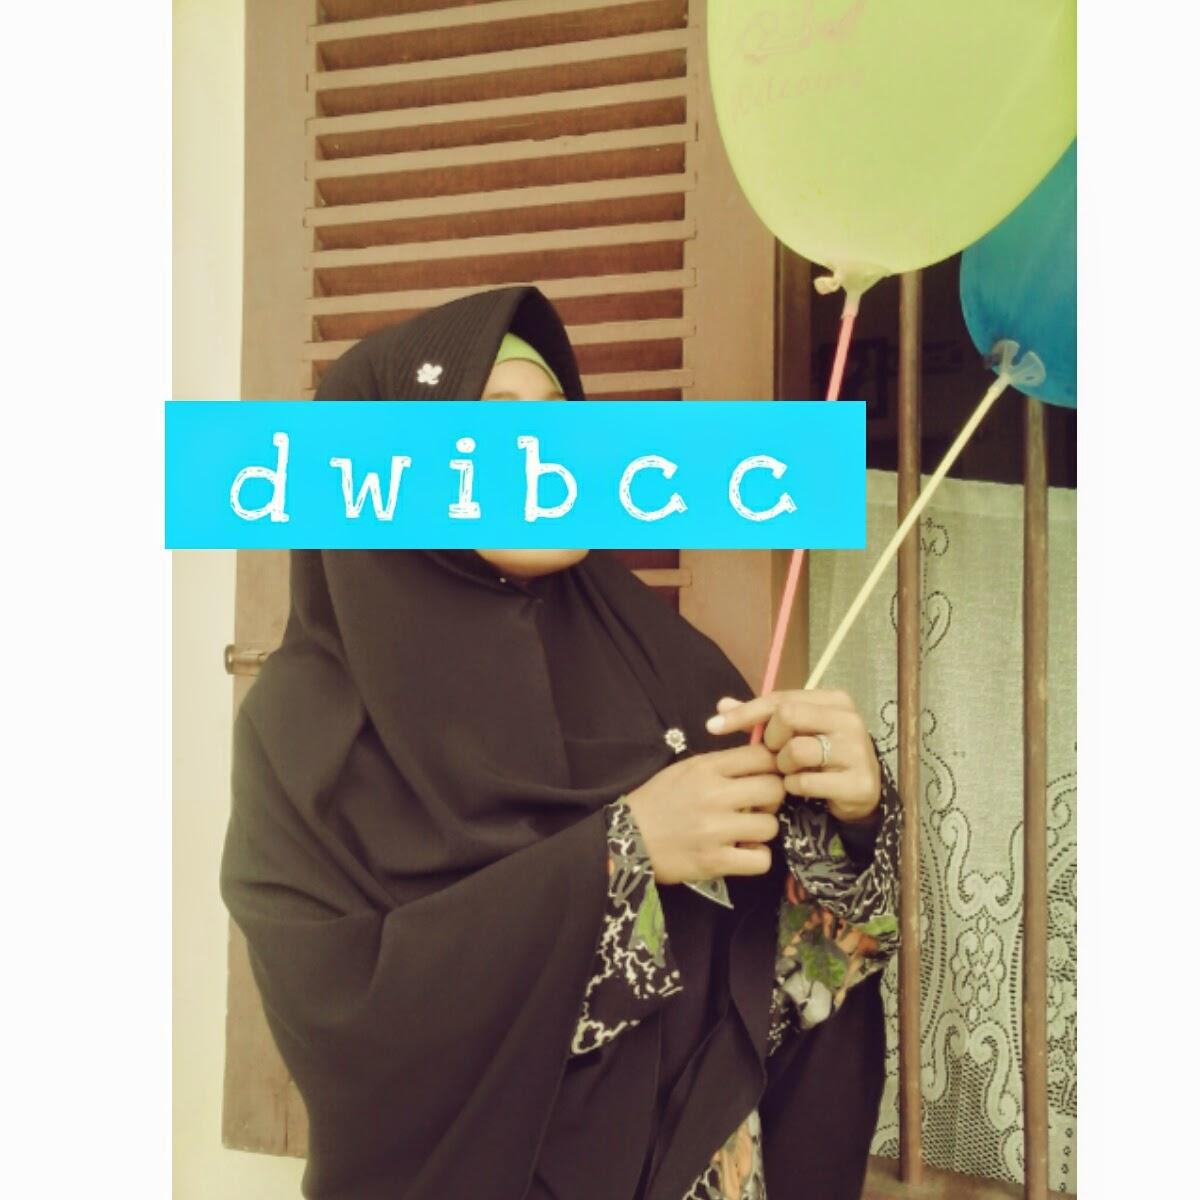 foto muslimah dwibcc dengan balon